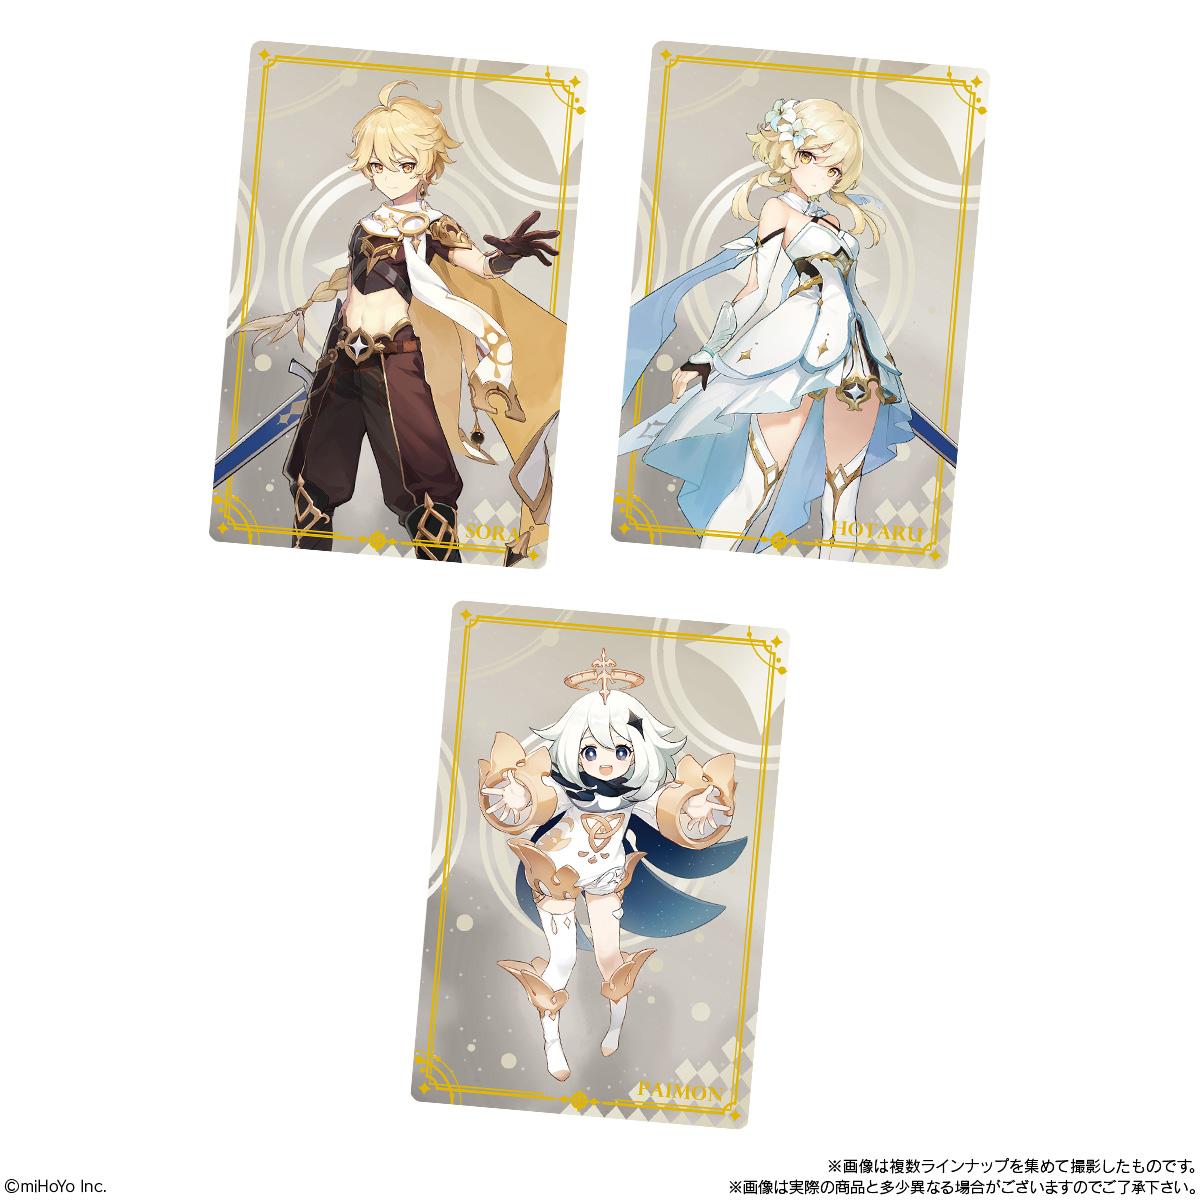 【食玩】原神『原神[Genshin] ウエハース』20個入りBOX-005